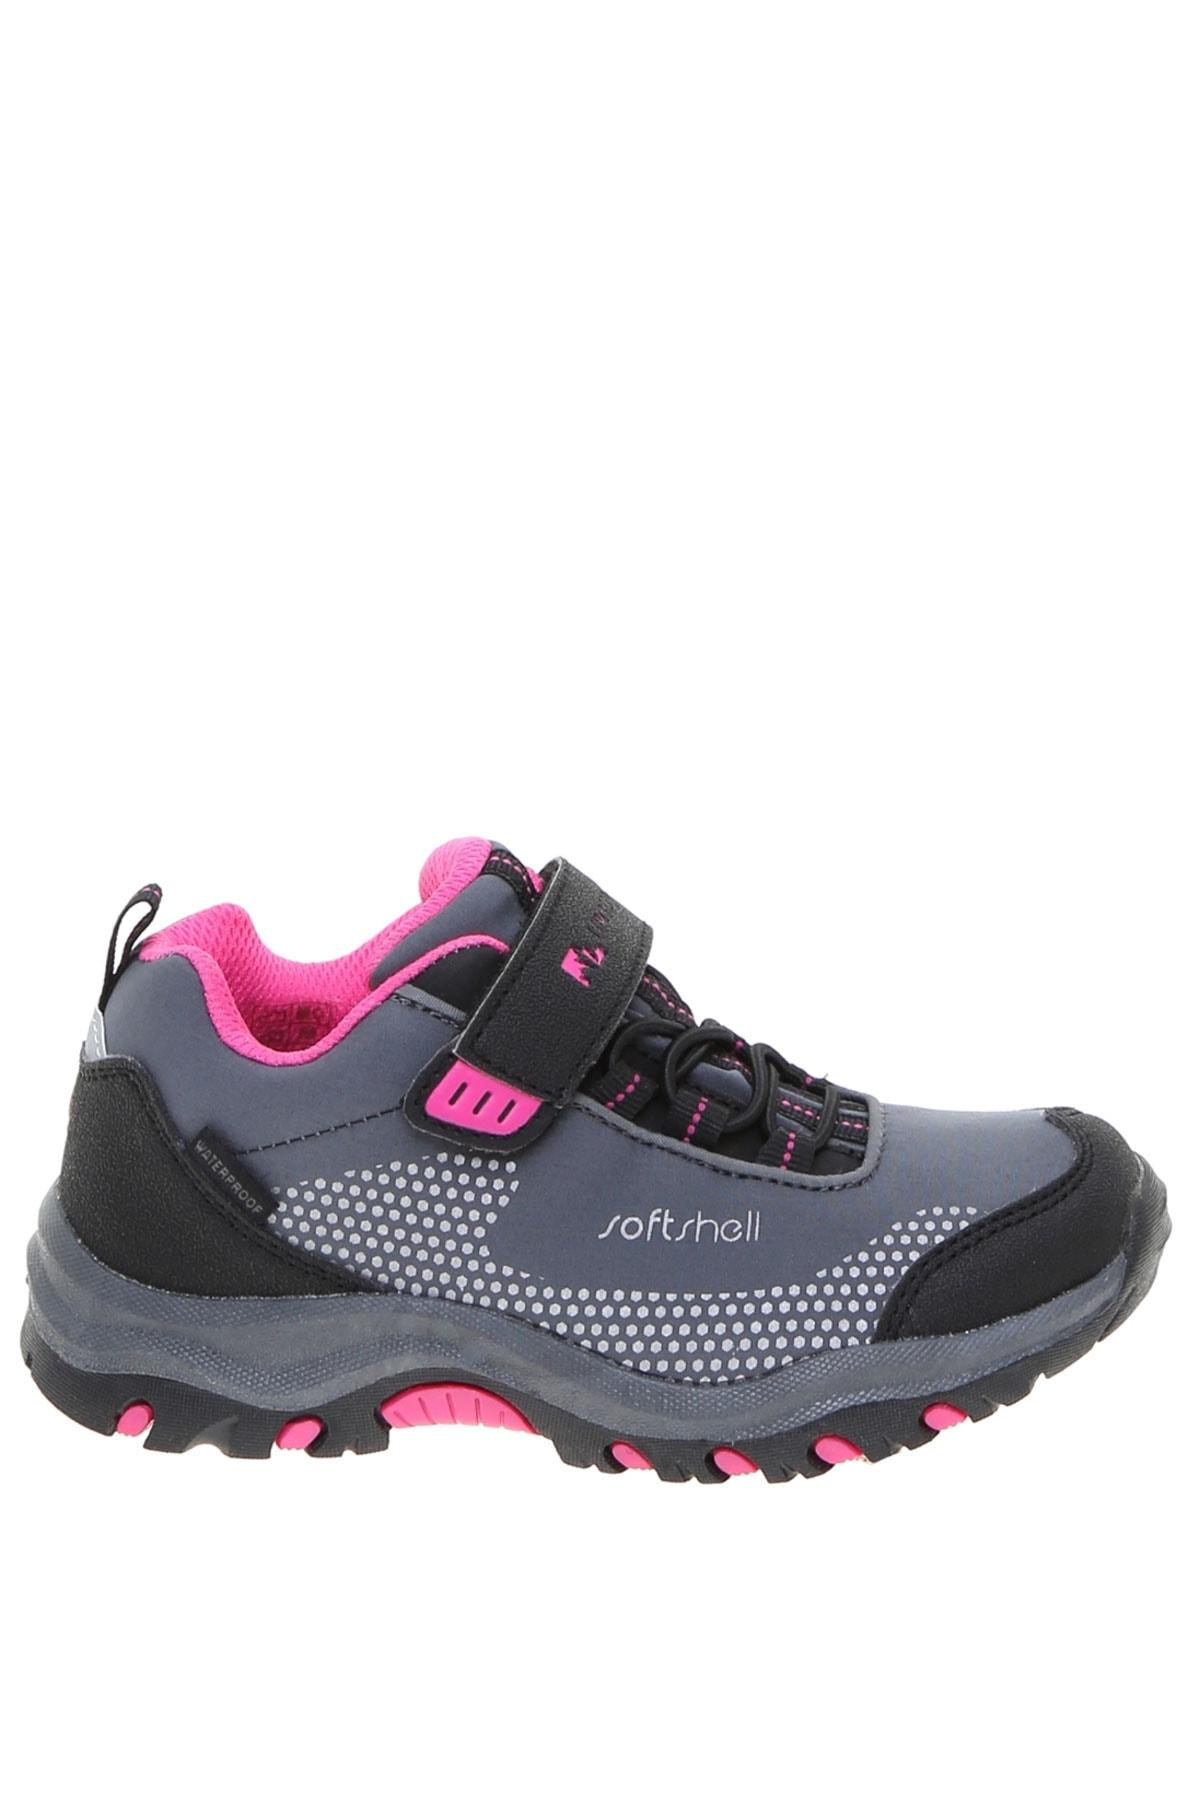 lumberjack Gri Unisex Çocuk Outdoor Ayakkabısı - AS00056230 1